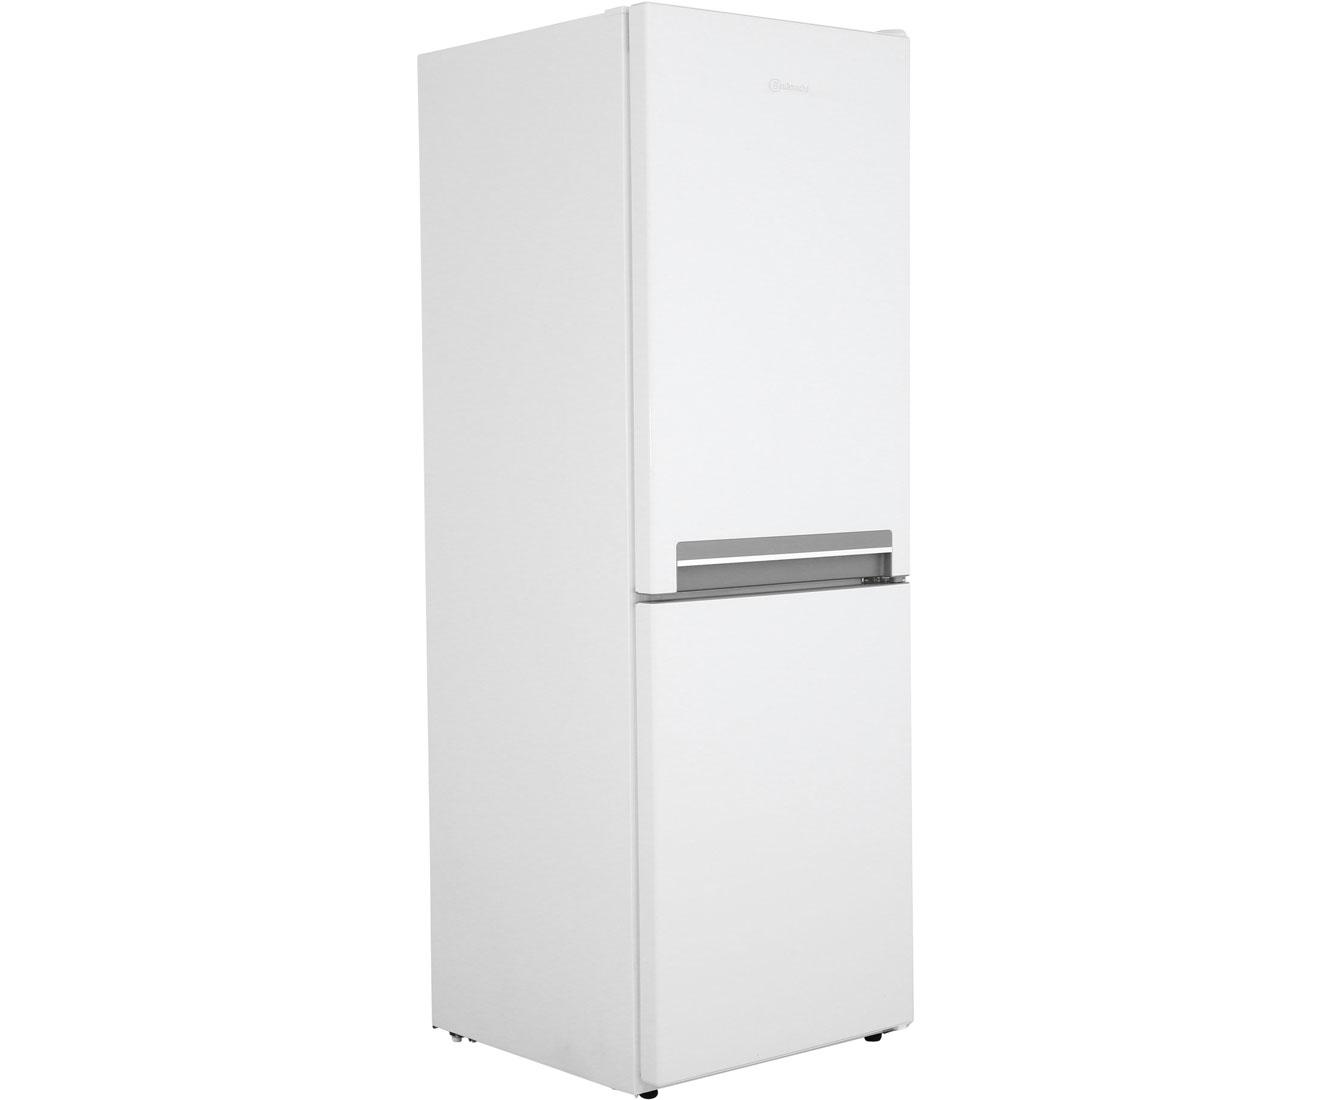 Smeg Kühlschrank Hellgrau : Mennekes kombination preisvergleich u2022 die besten angebote online kaufen